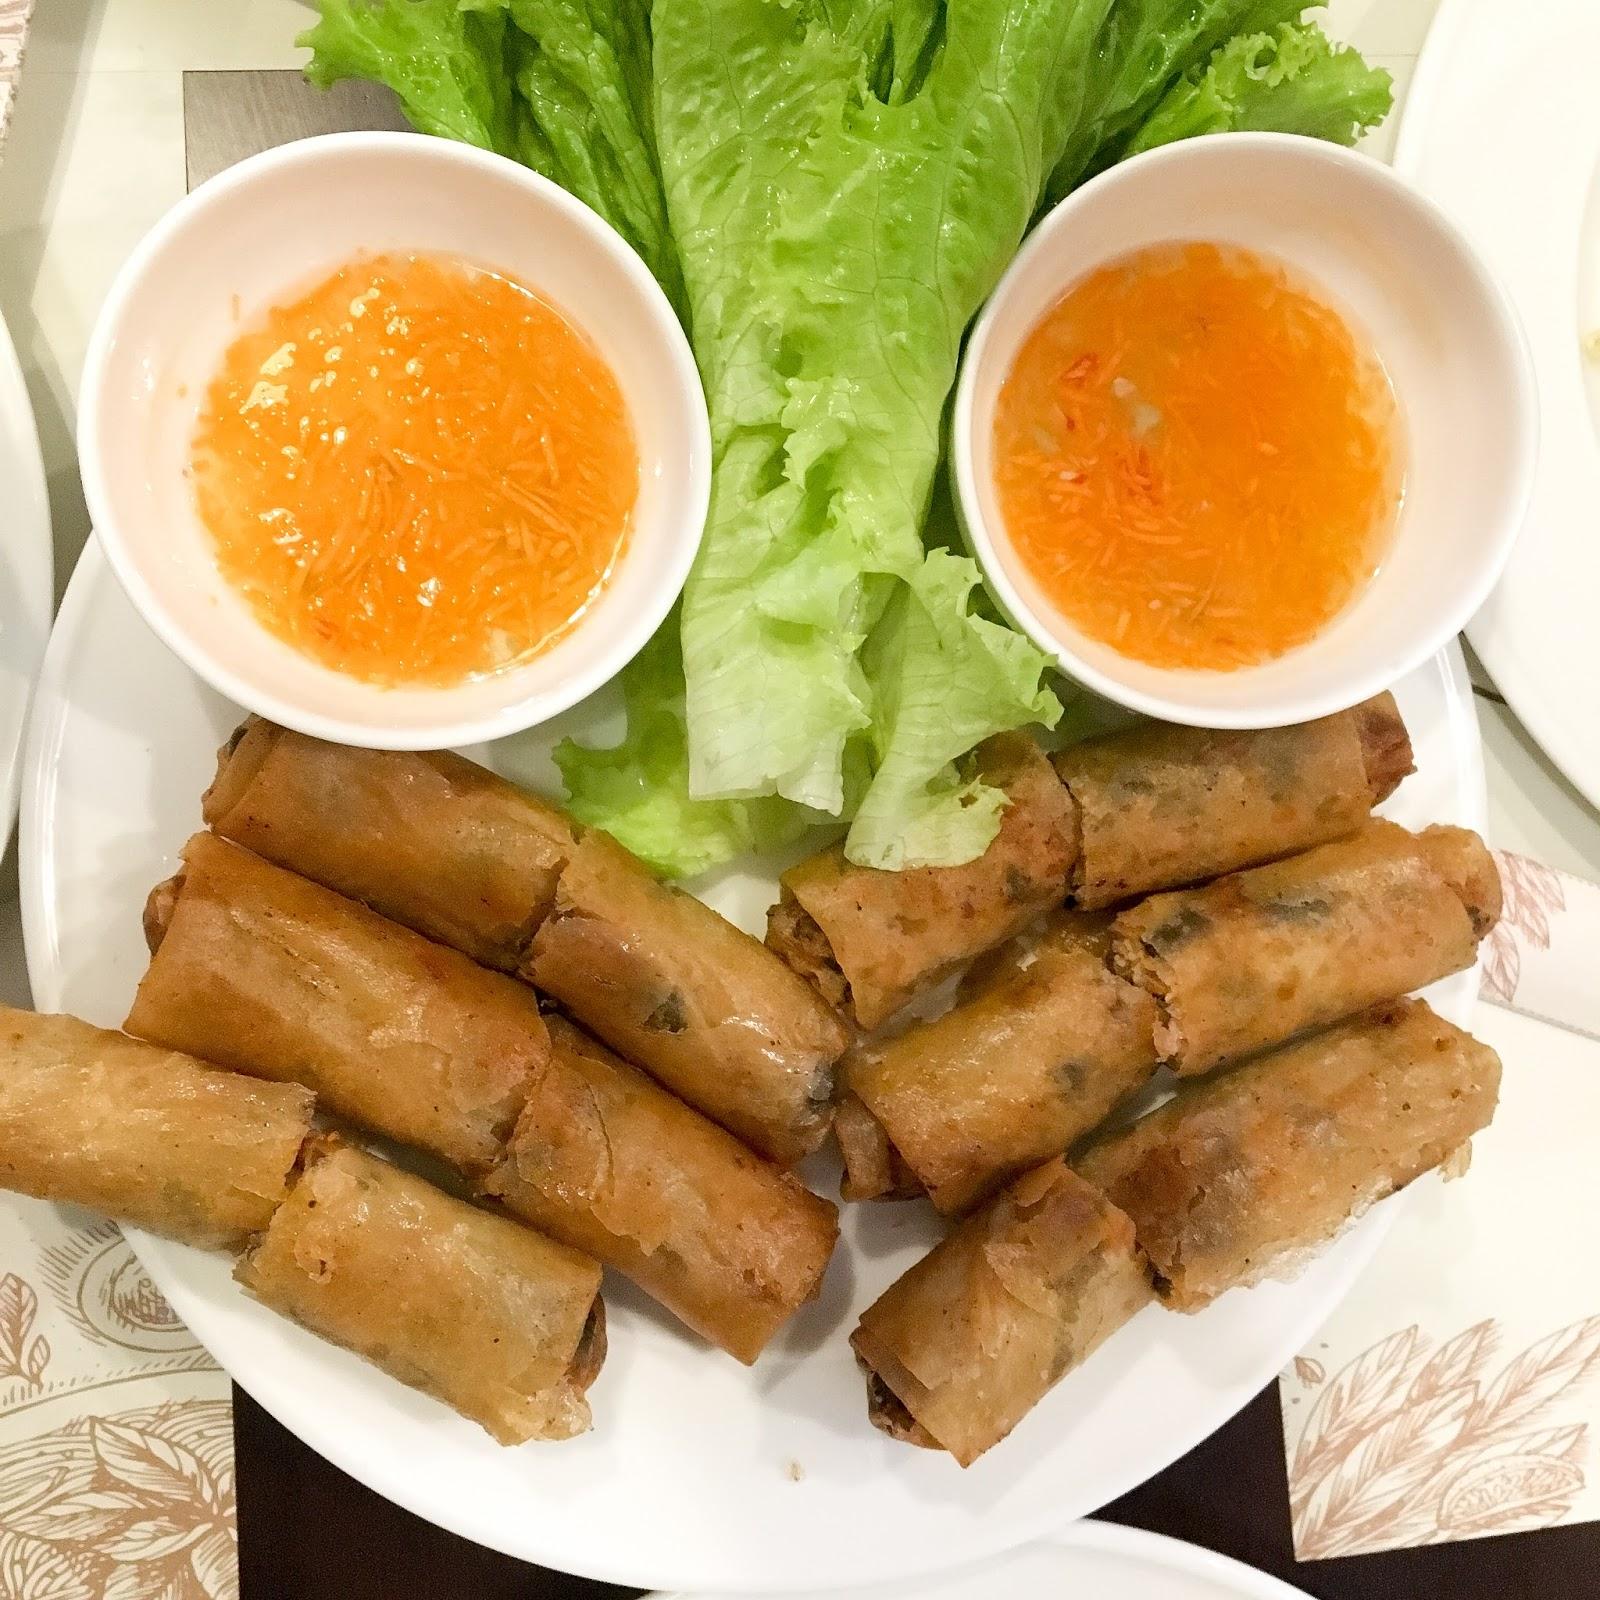 Bon pho roll authentic vietnamese cuisine makati the foodinista - Authentic vietnamese cuisine ...